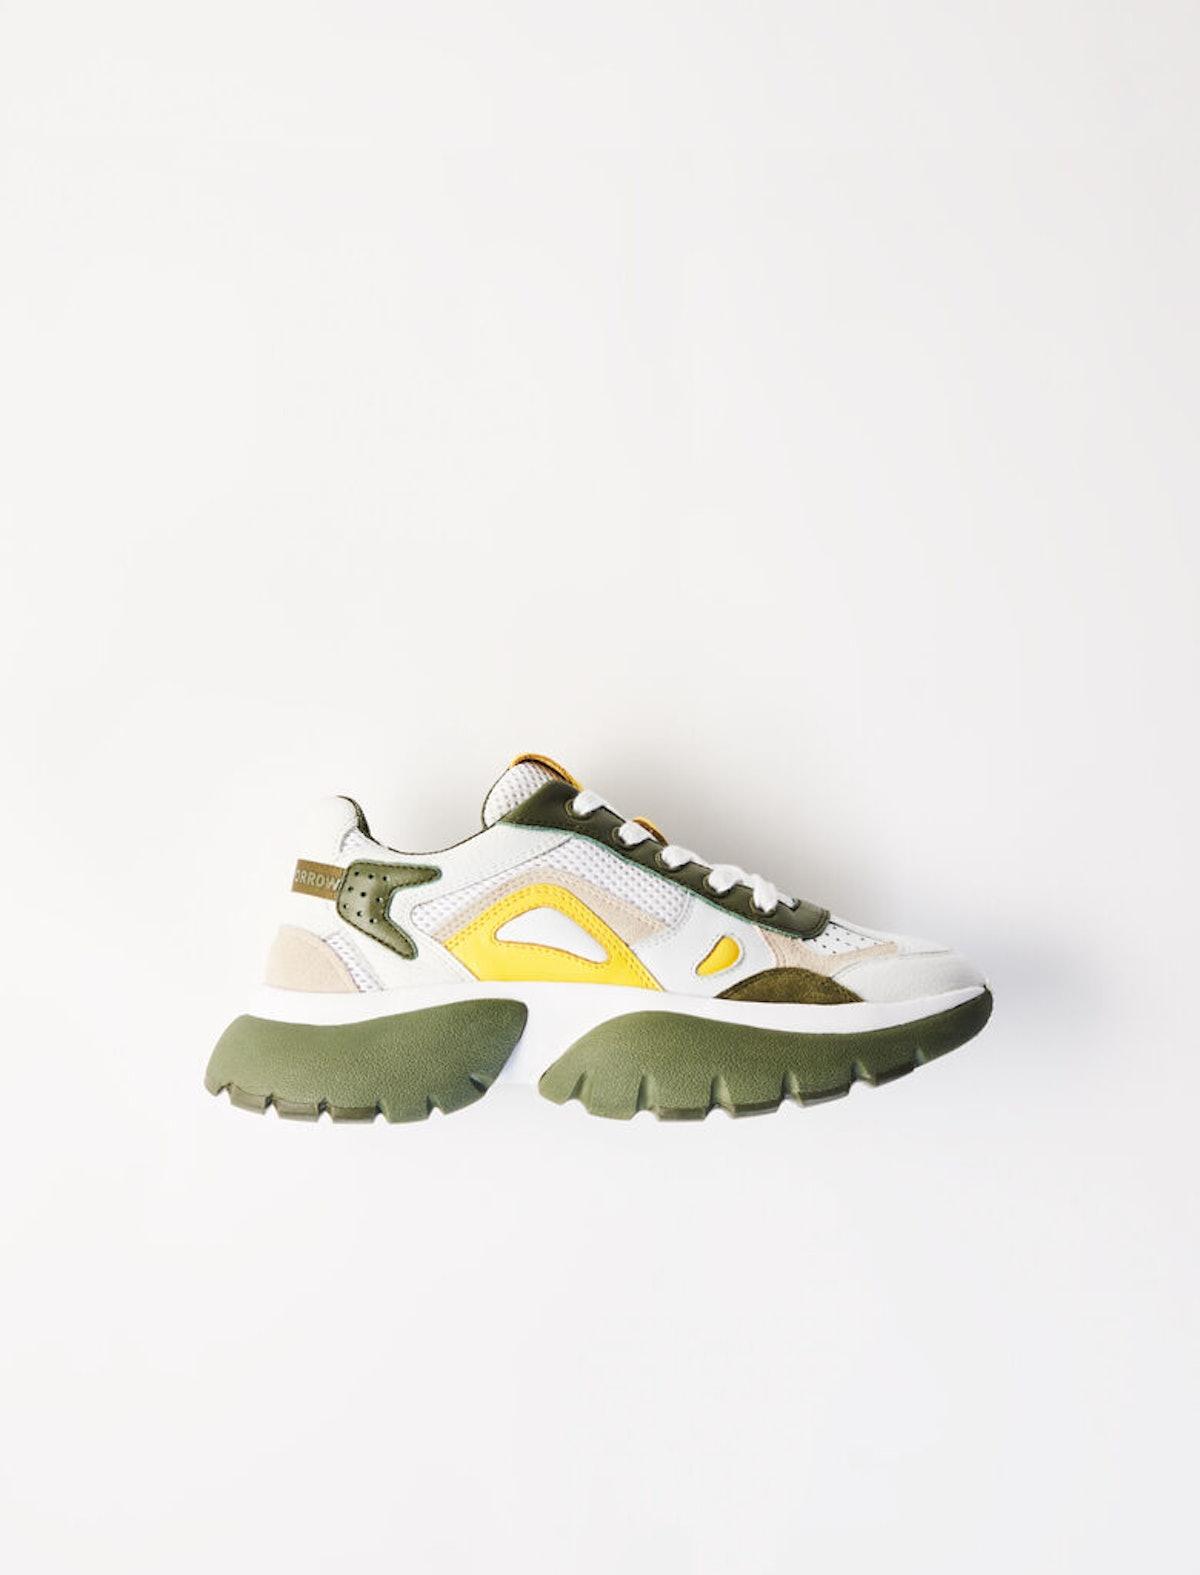 Maje W20 Two-Tone Sneakers